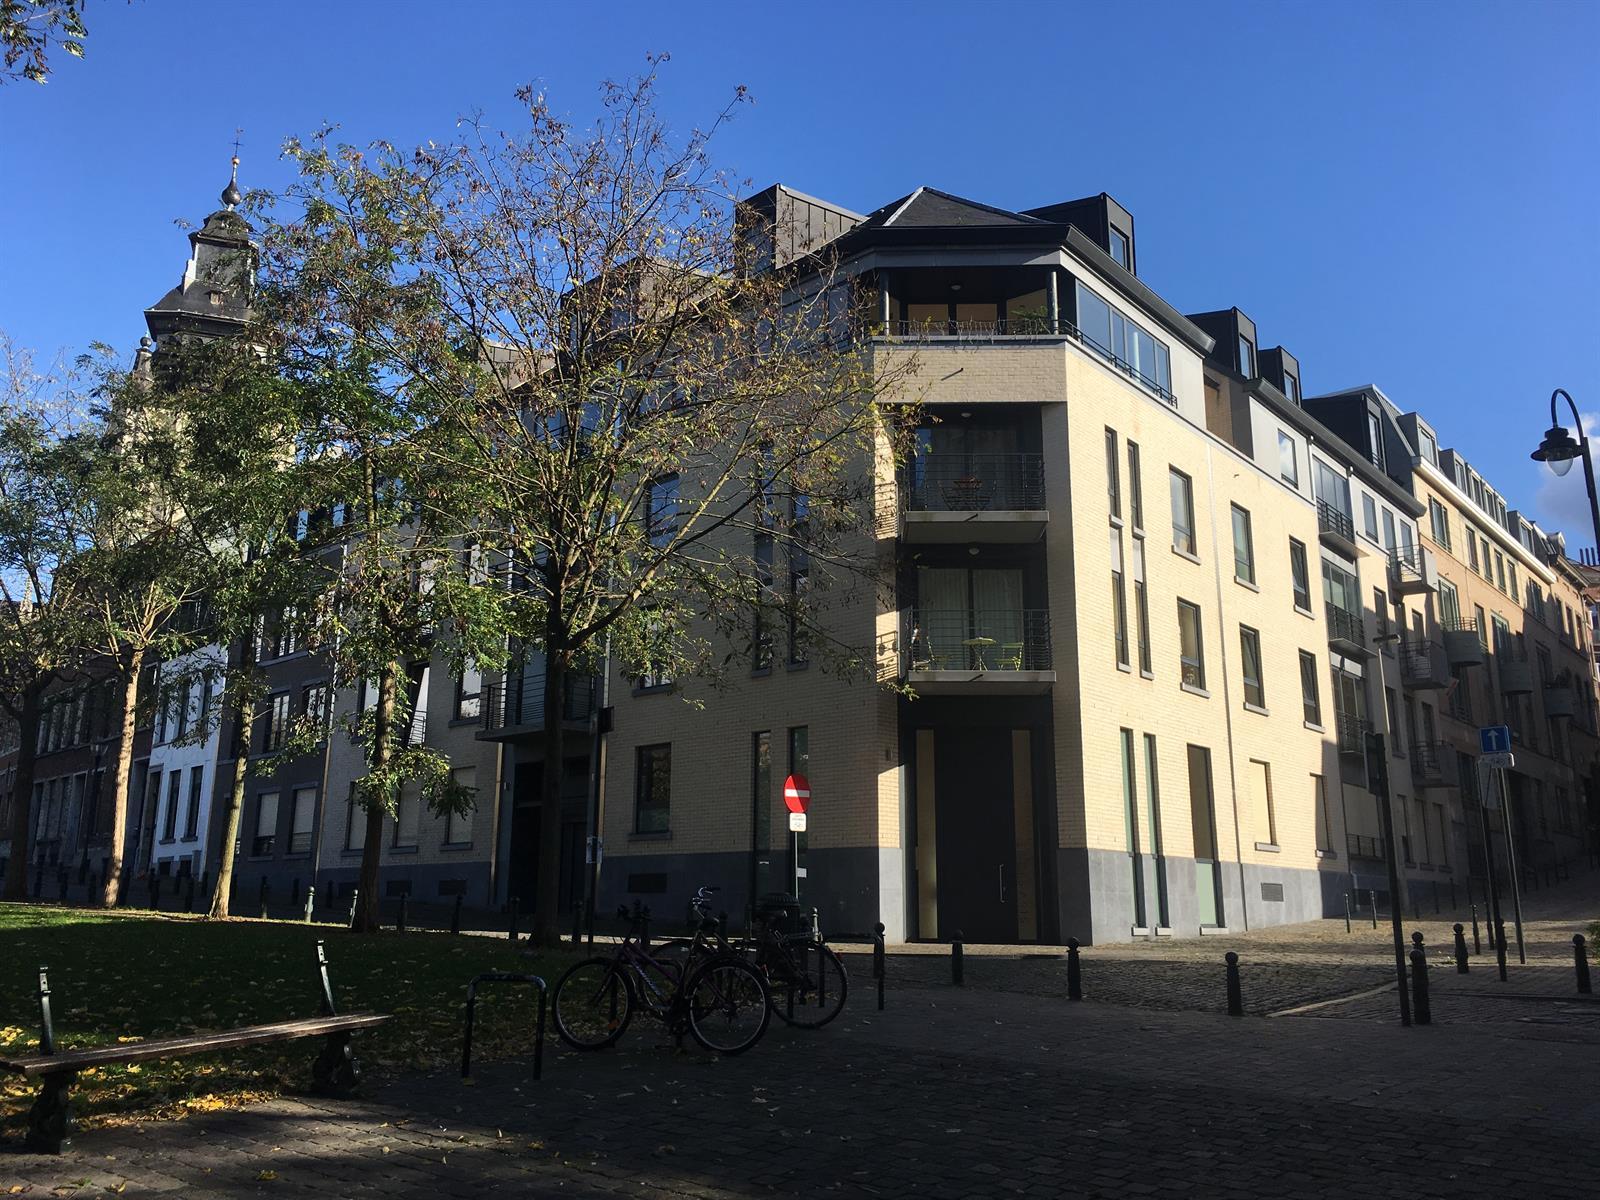 Flat - Bruxelles - #4311000-0